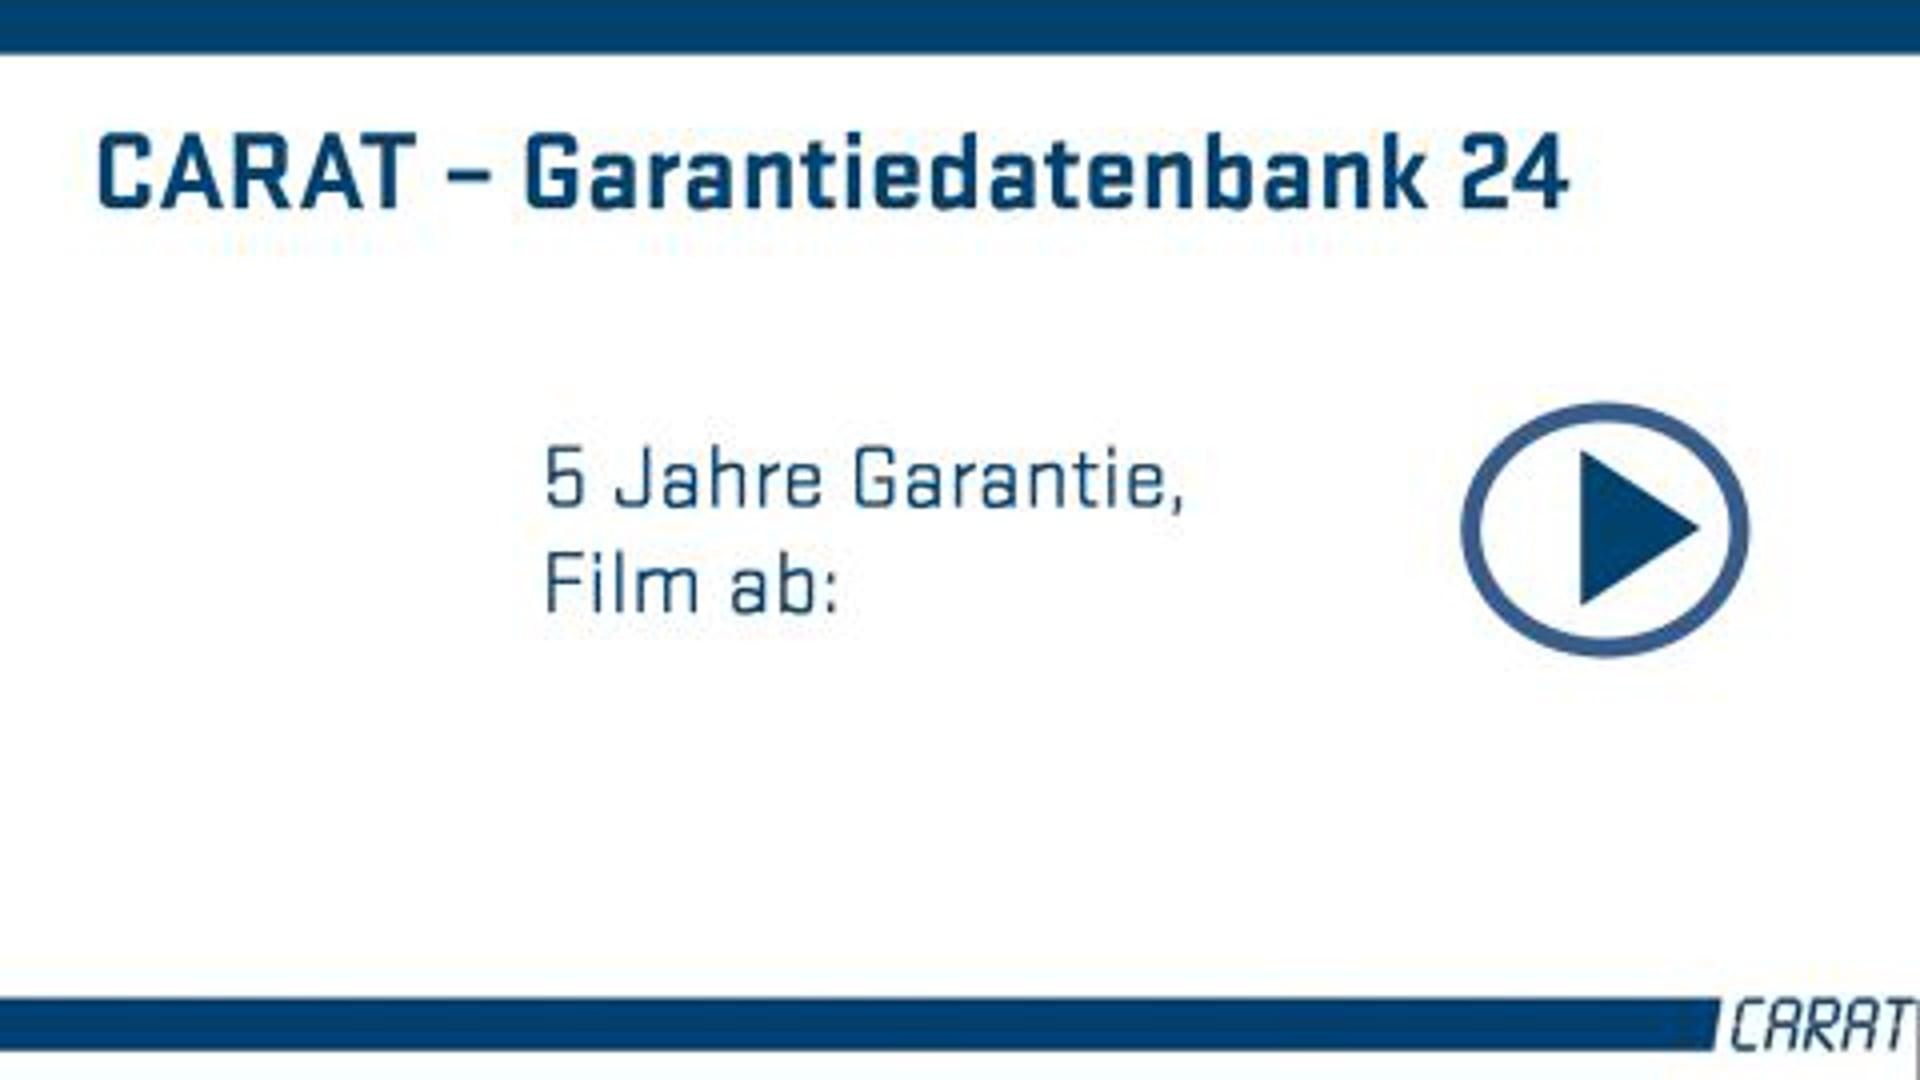 Garantiedatenbank 24